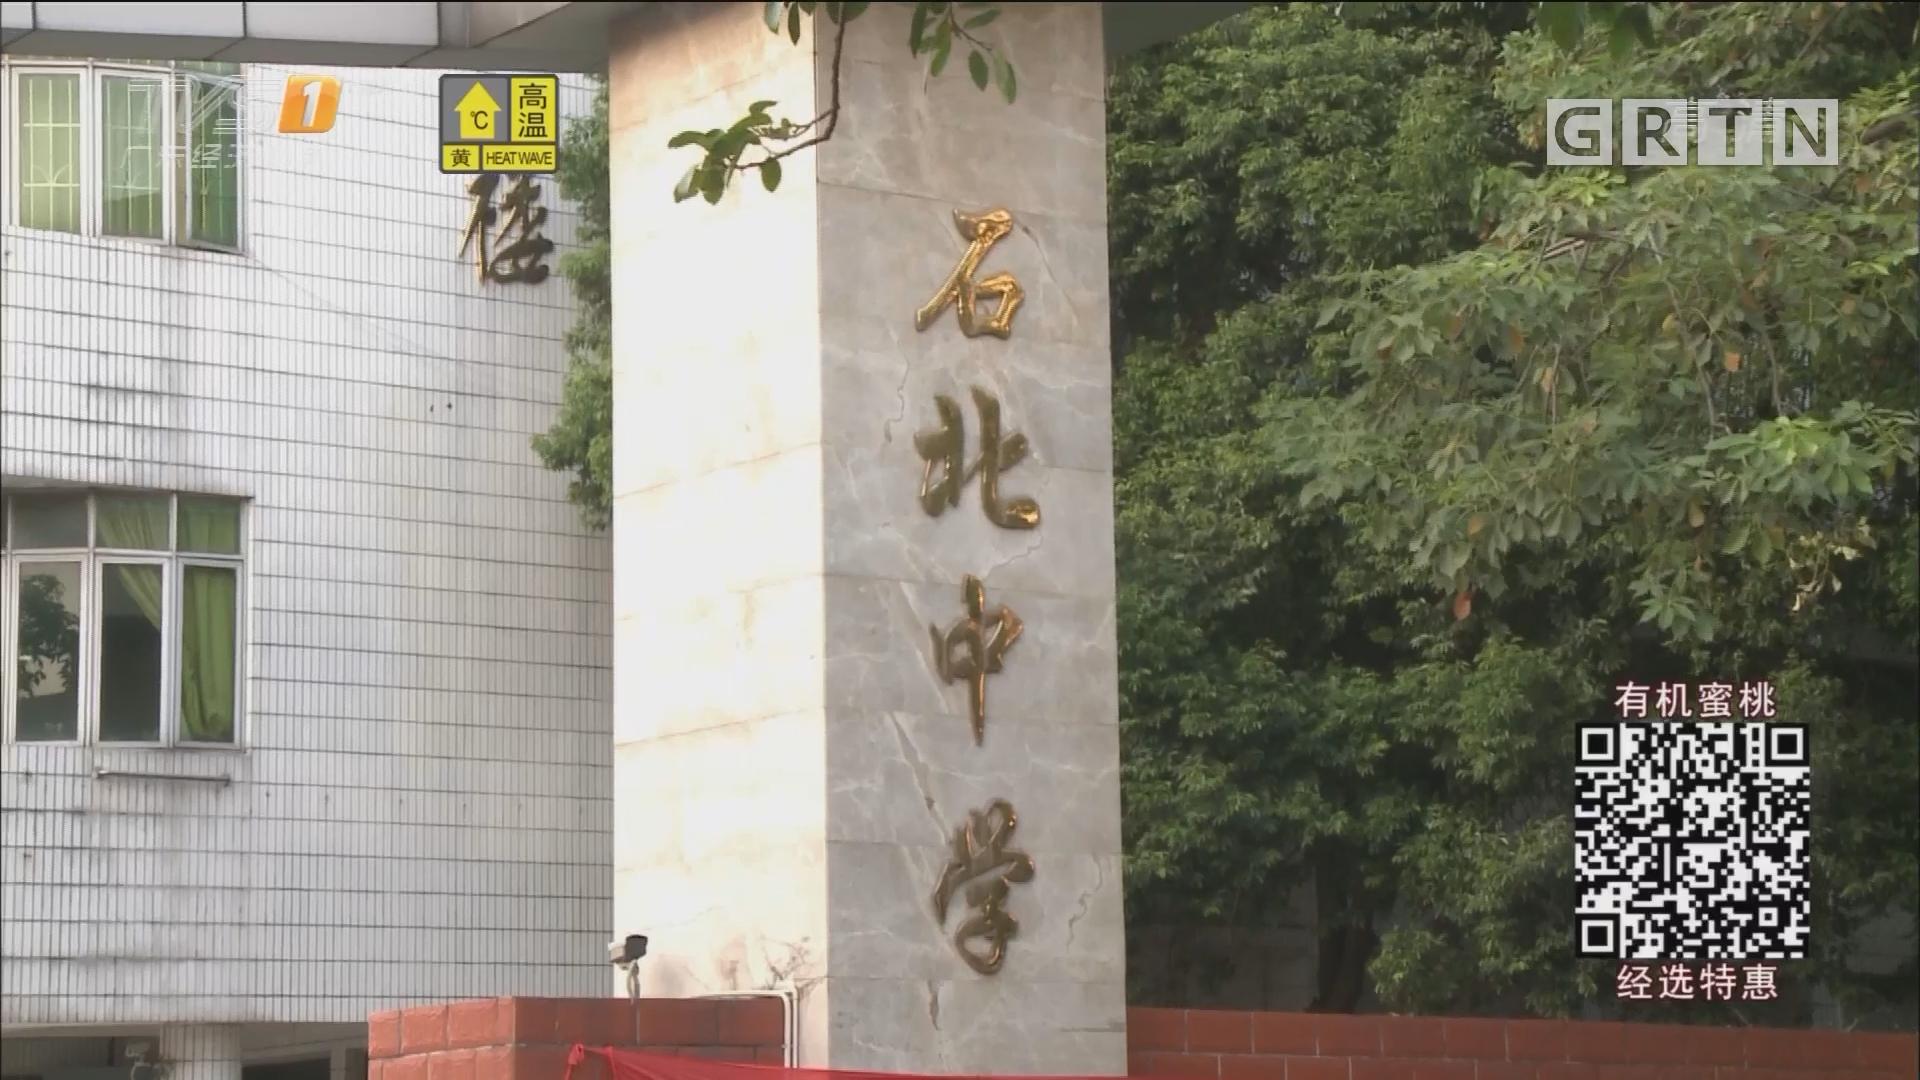 广州番禺石北中学住校生腹泻 学校:正在调查